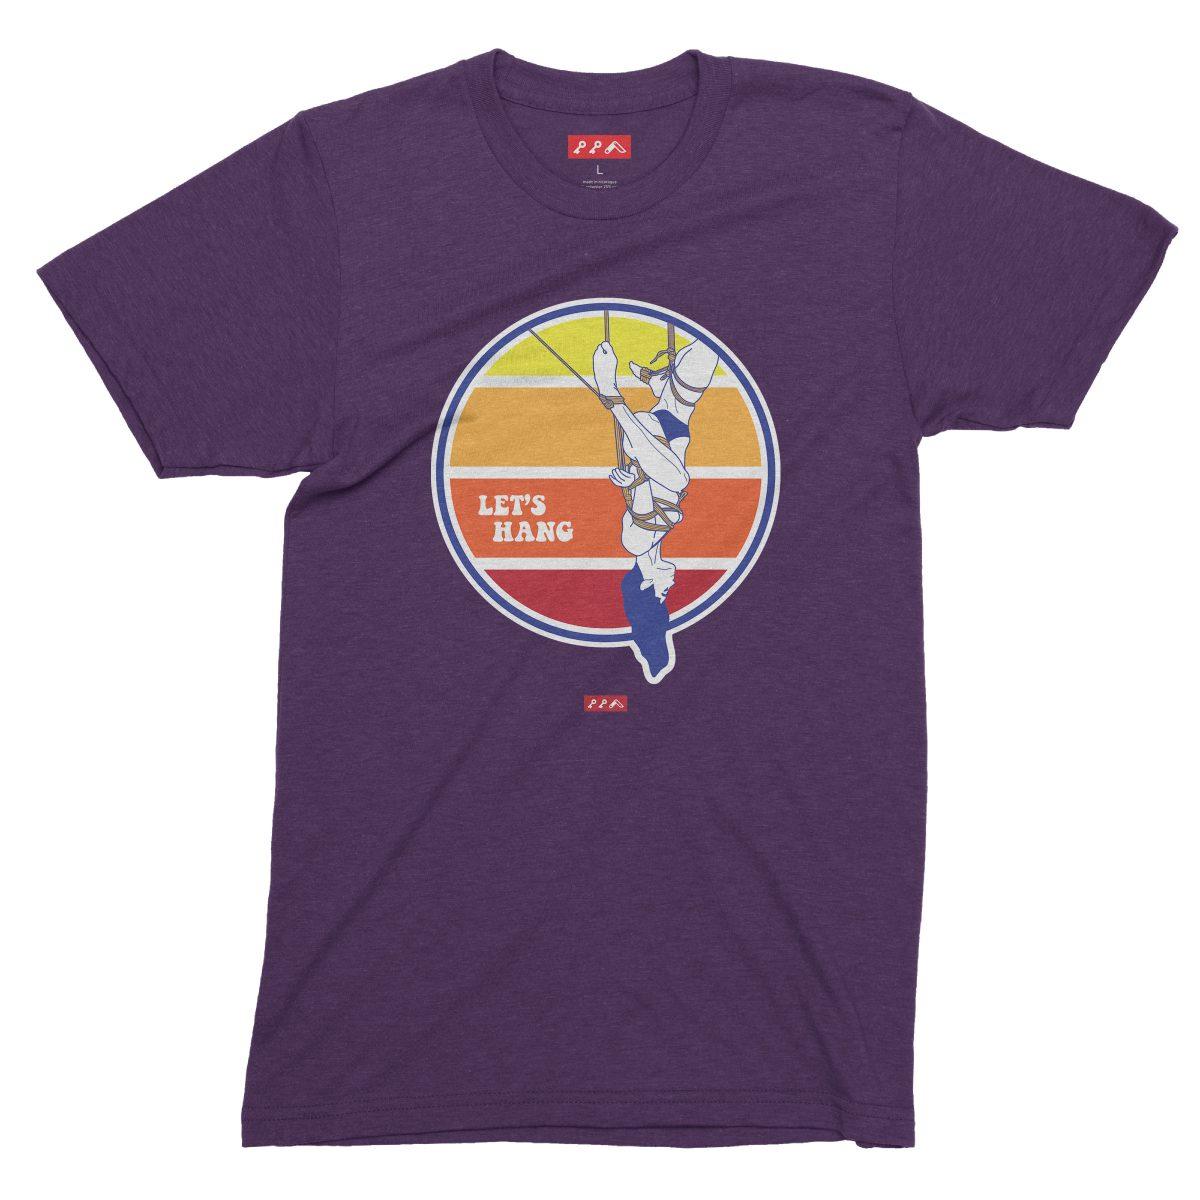 LET'S HANG shibari bondage shirt in purple tri-blend